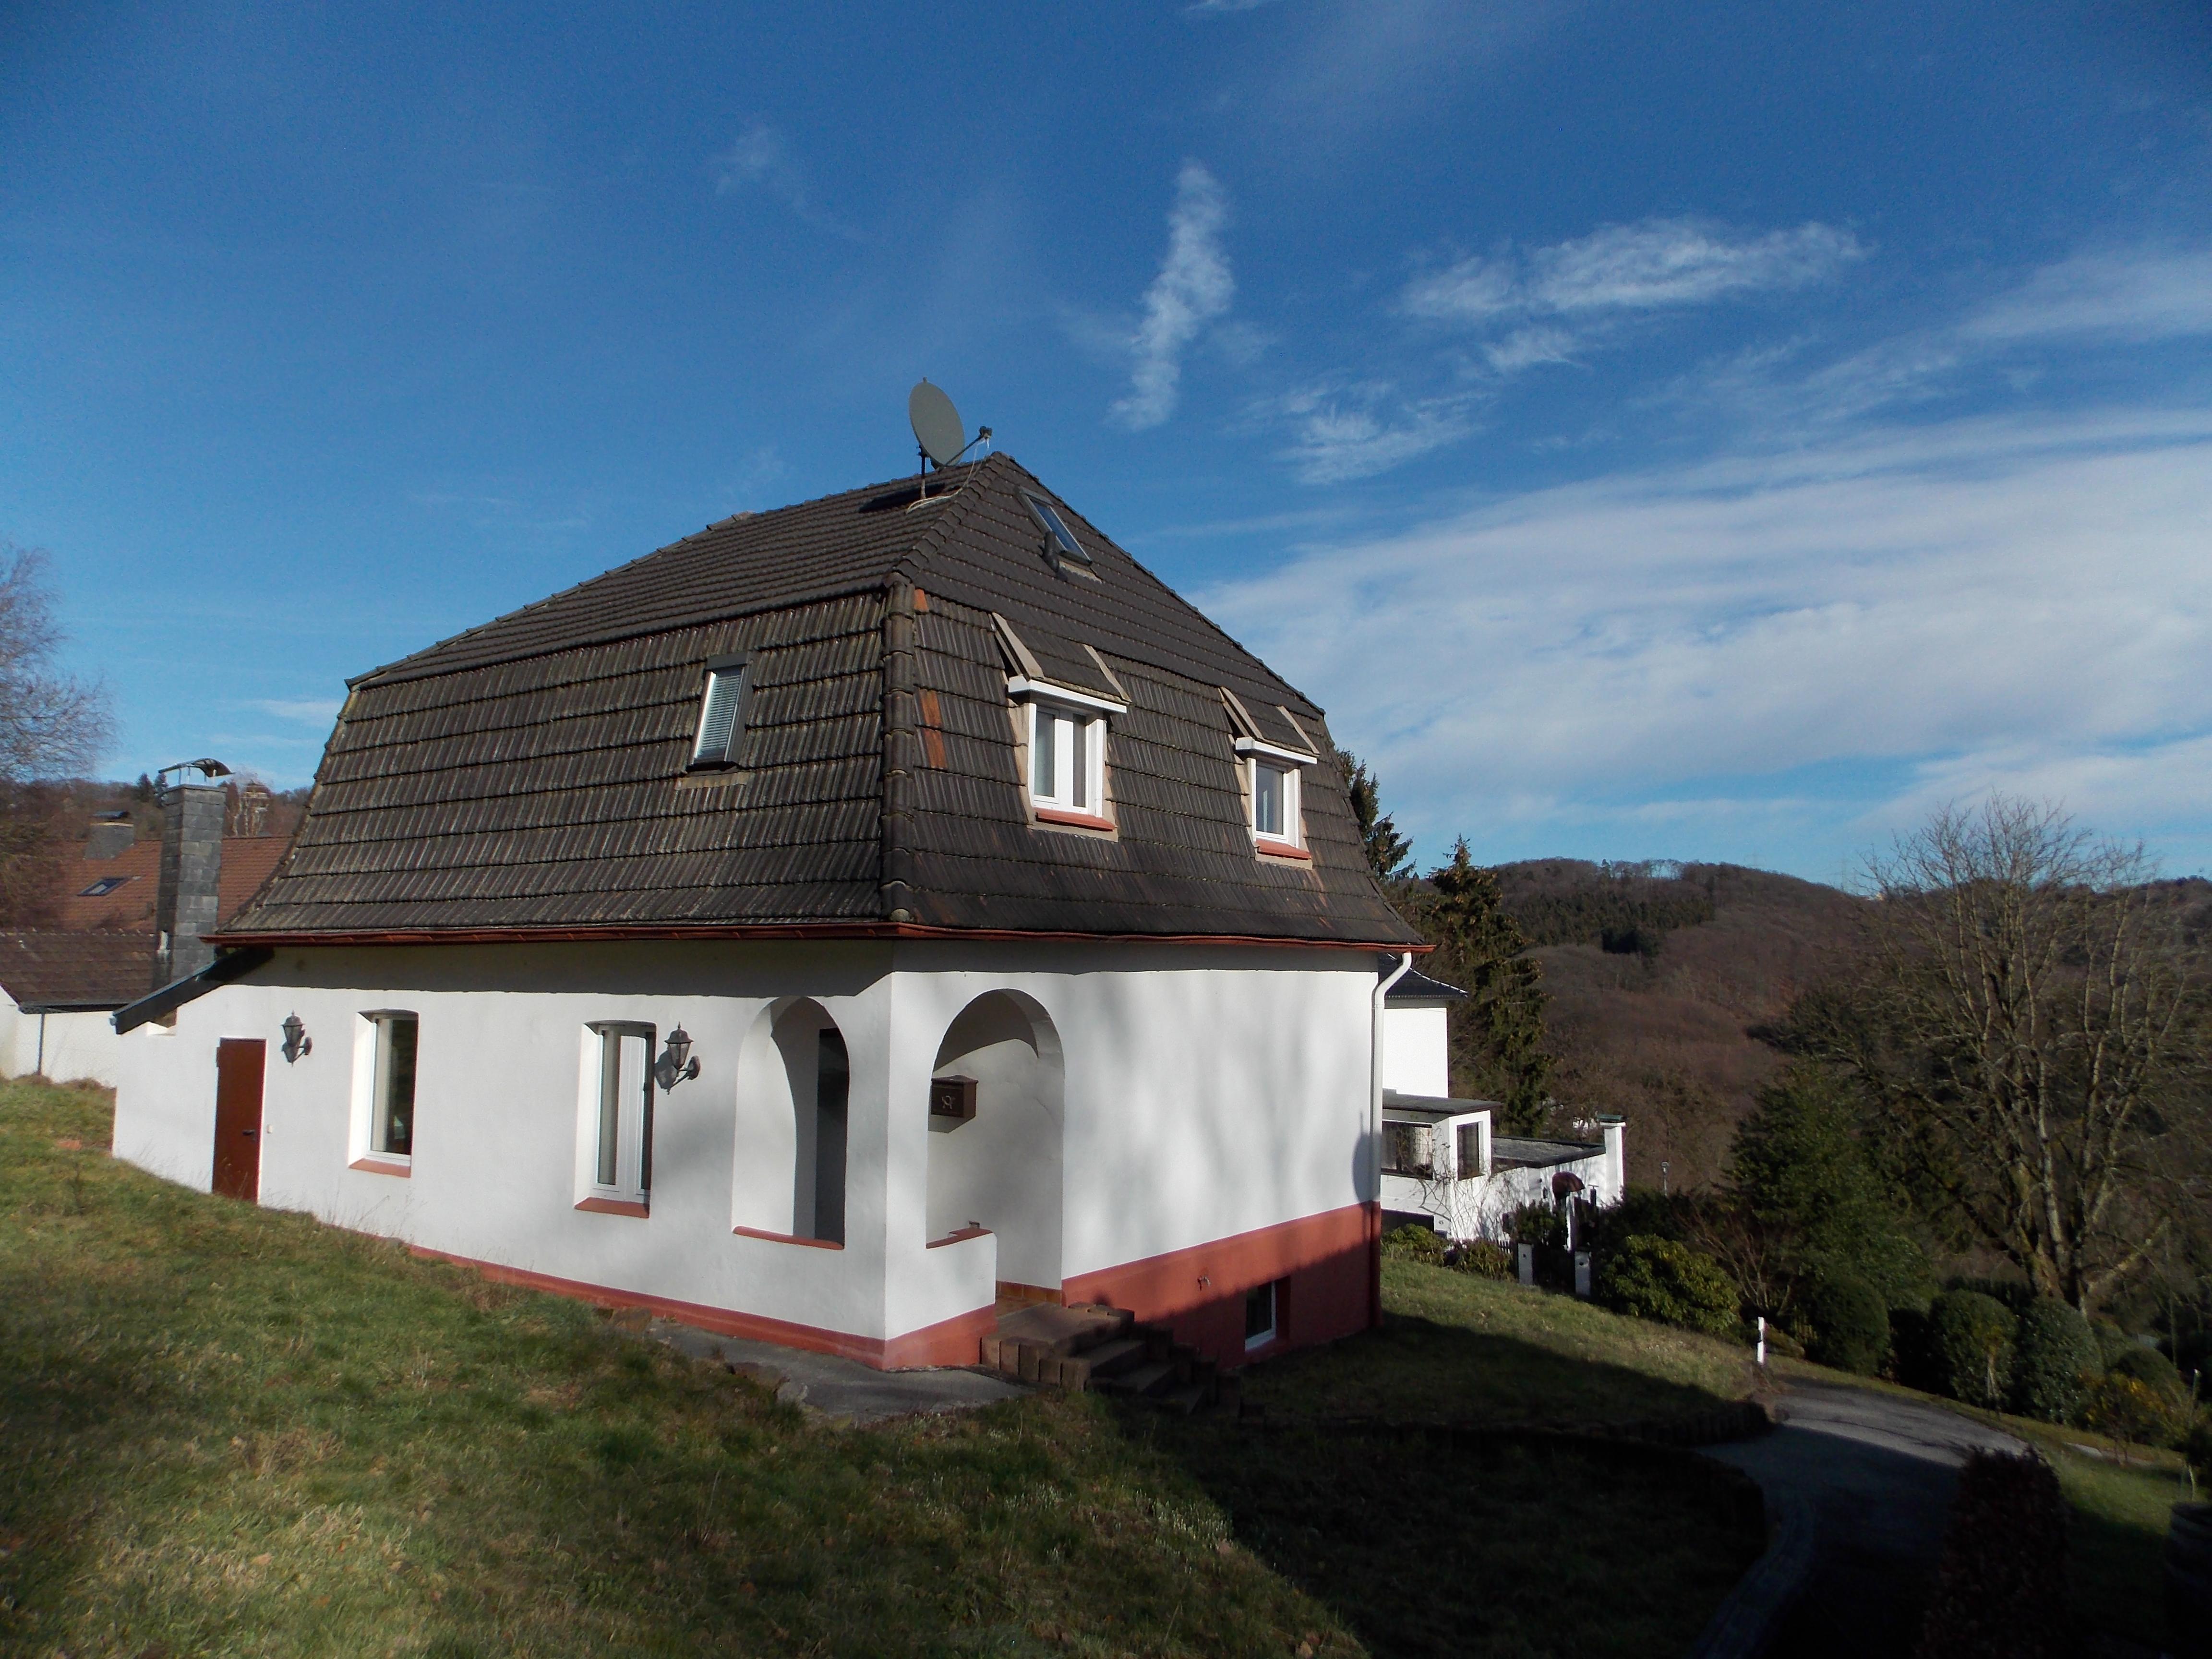 Traumgrundstück mit freistehendem Einfamilienhaus in sehr begehrter Lage der Solinger Südstadt